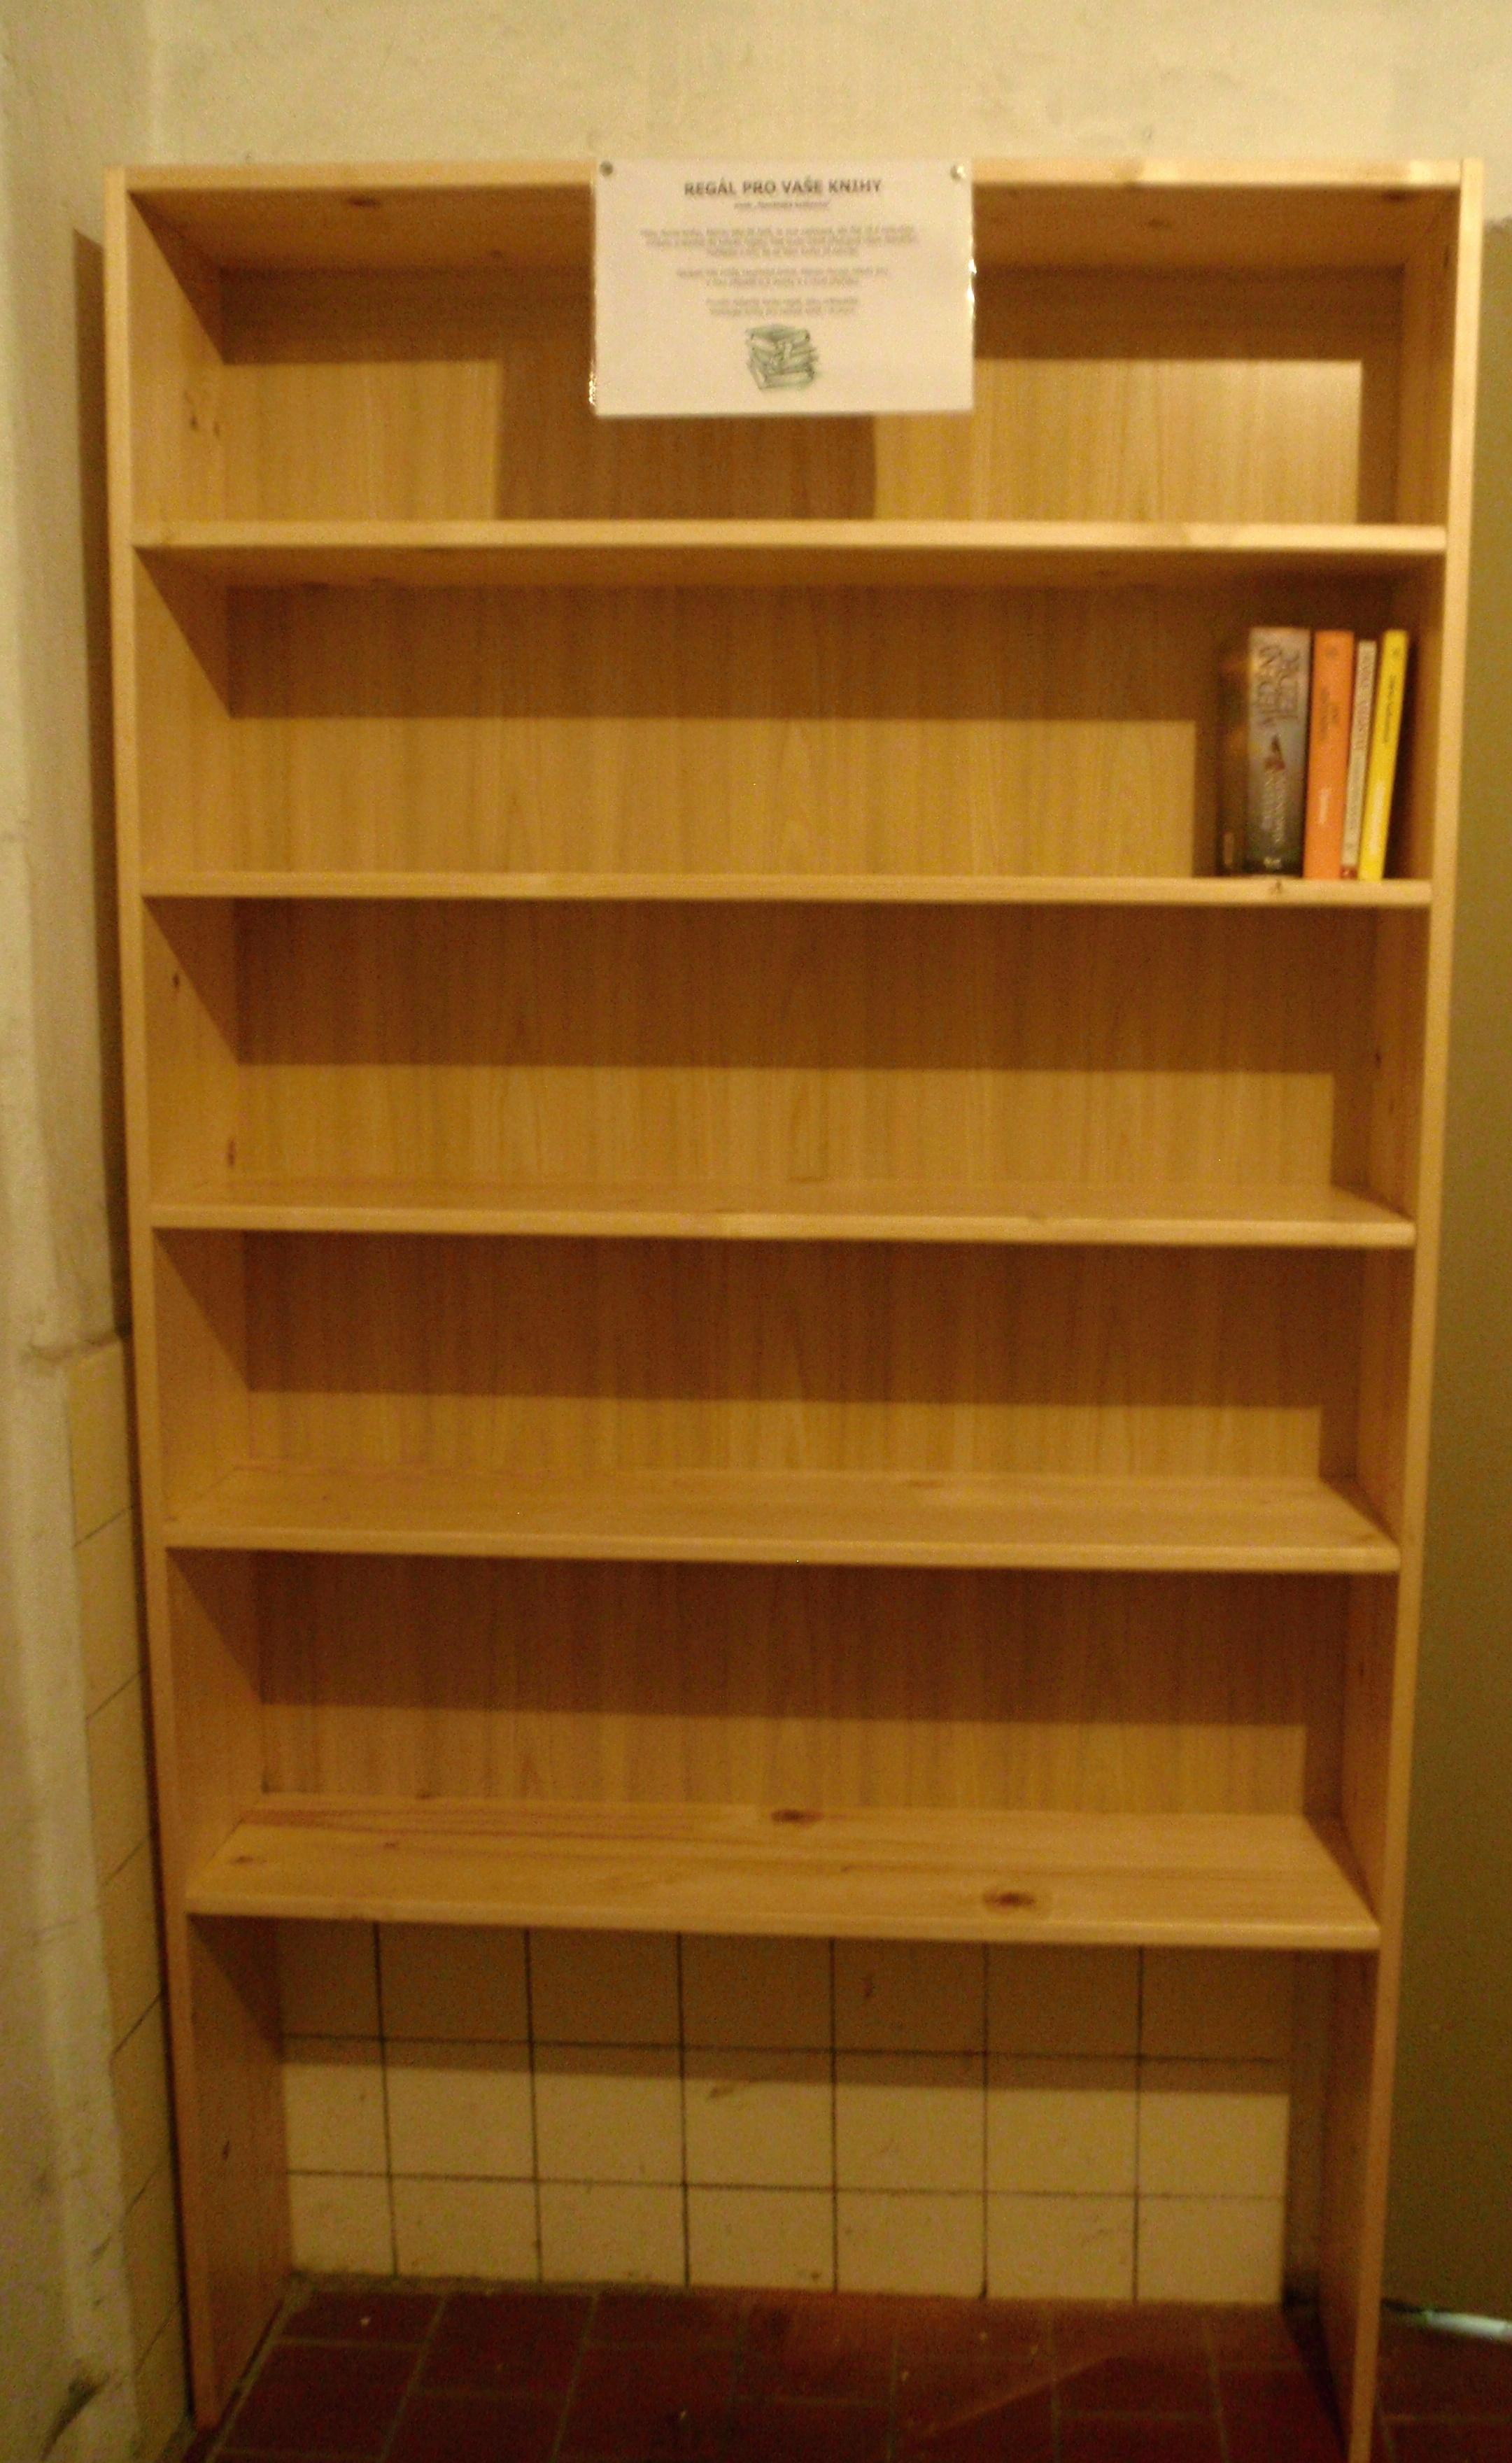 Regál pro Vaše knihy